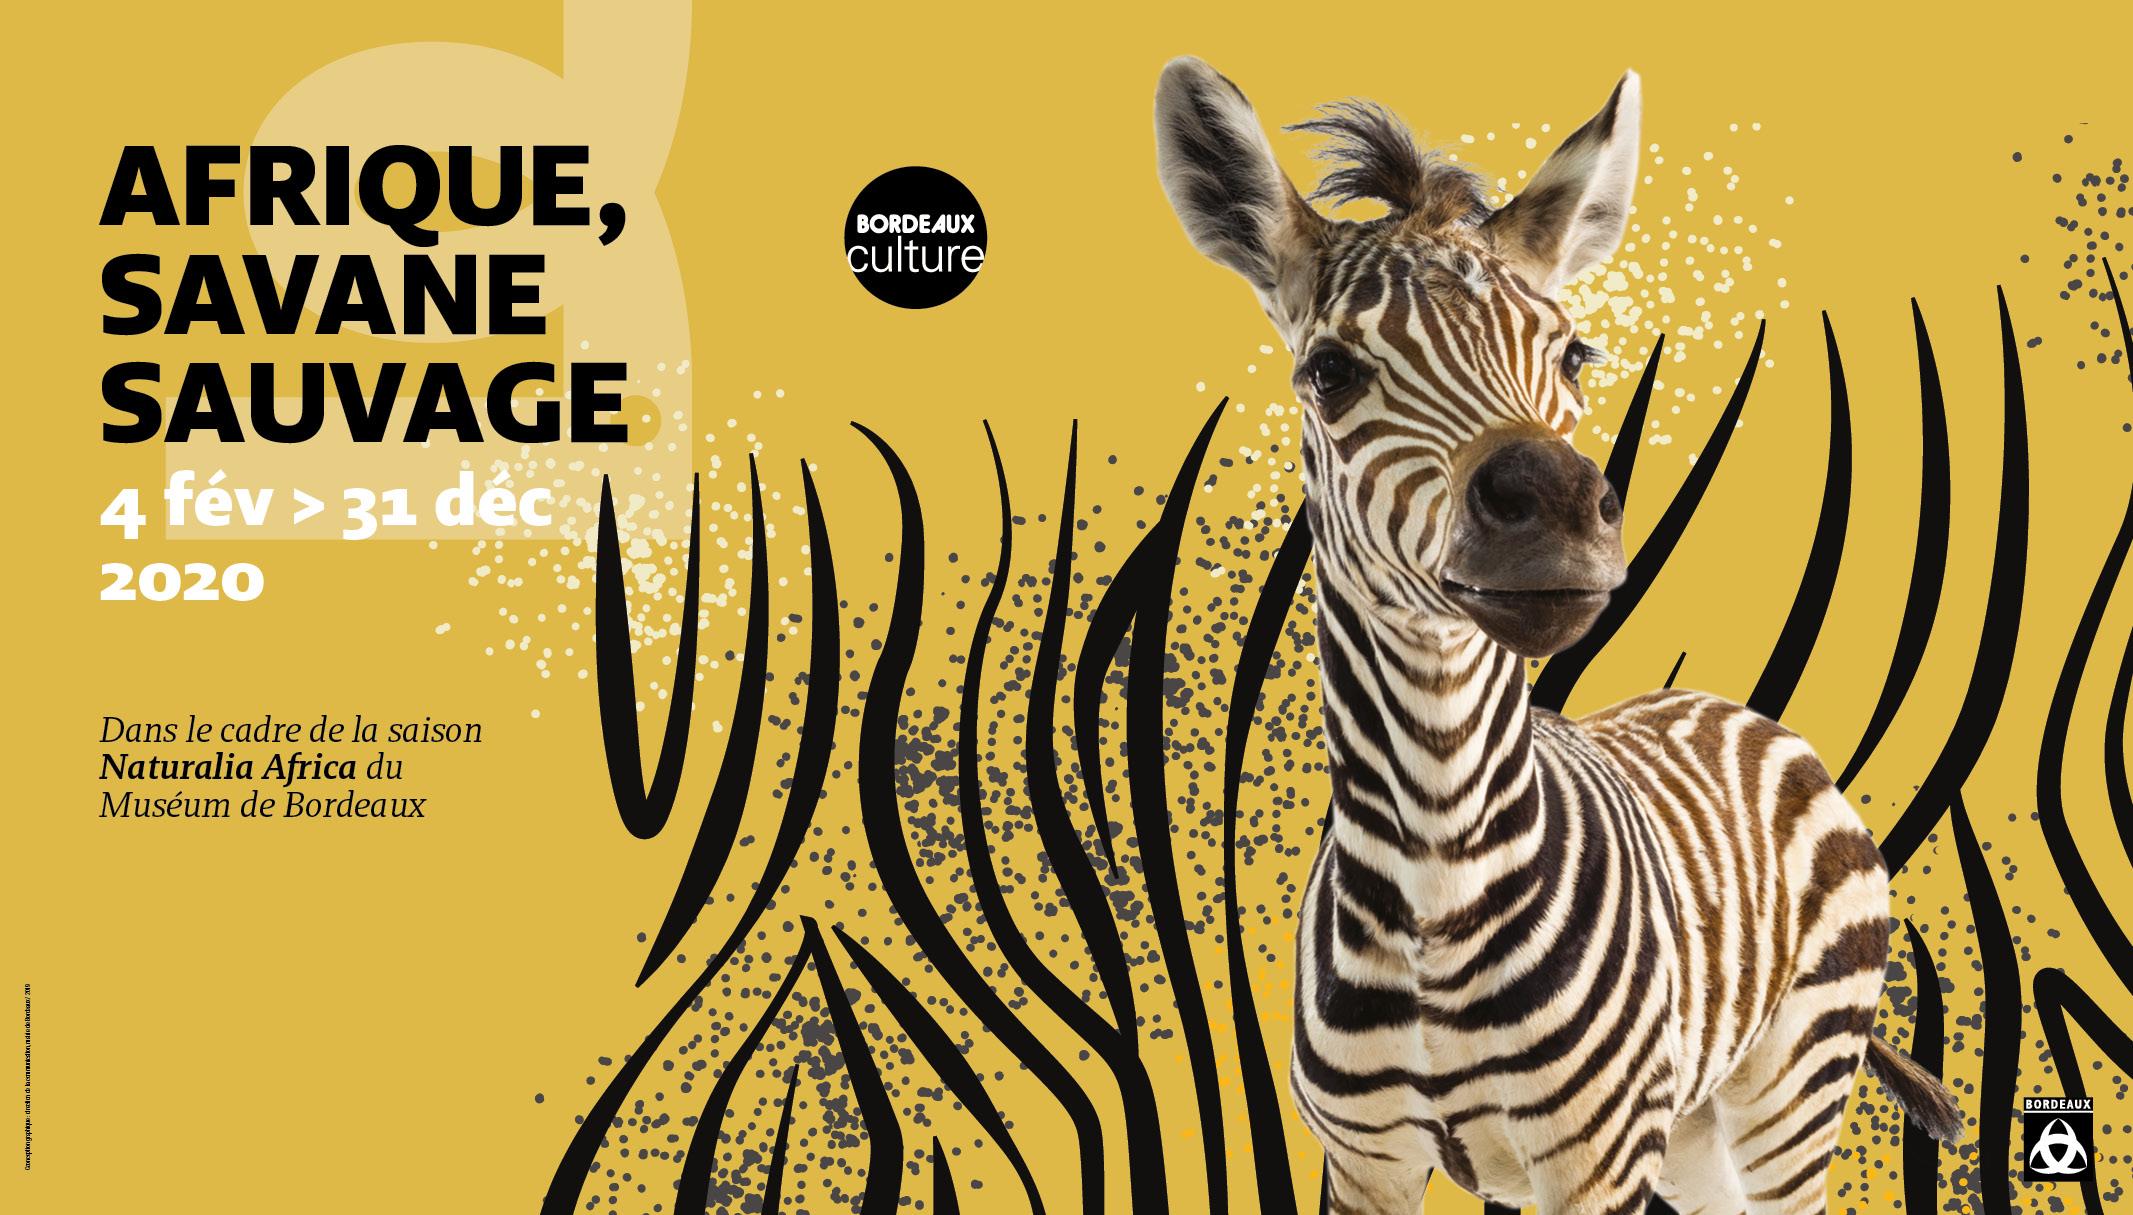 Affiche Afrique savane sauvage